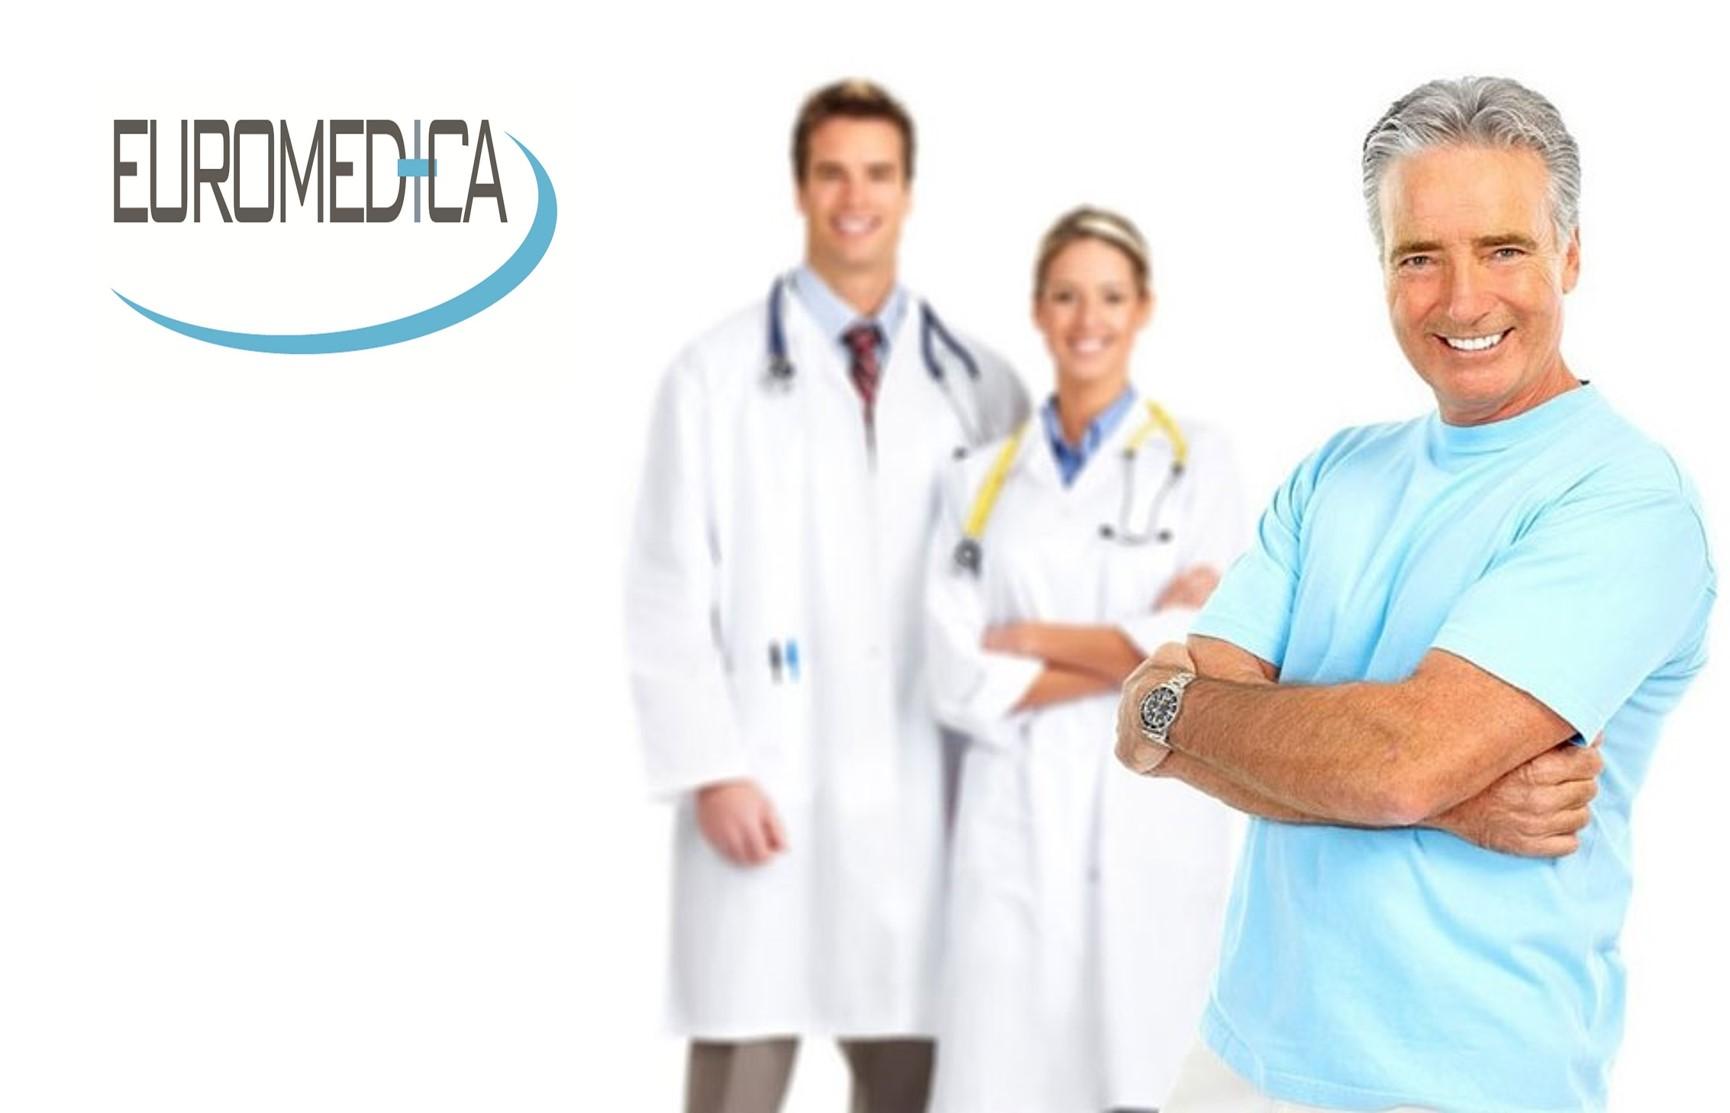 45€ από 110€ για ολοκληρωμένο έλεγχο Καρκινικών Δεικτών (CEA, Ca125, Ca15-3, Ca 19-9, AFP) στην EUROMEDICA